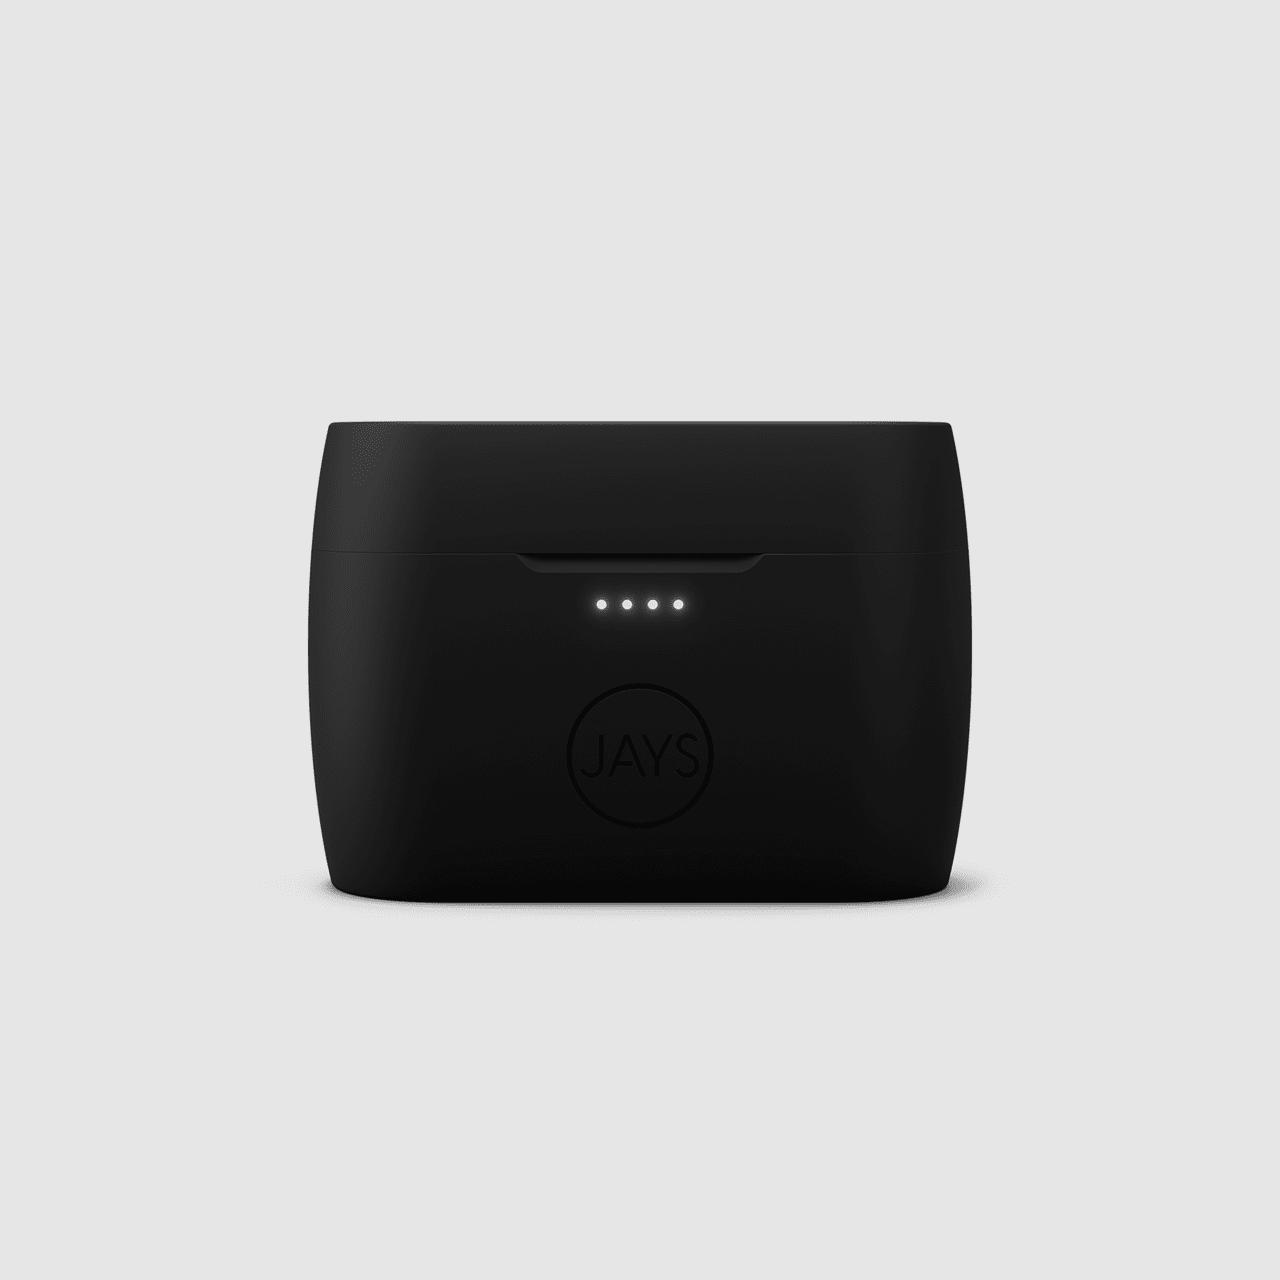 Jays M-Five Black True Wireless Bluetooth Earphones - 3